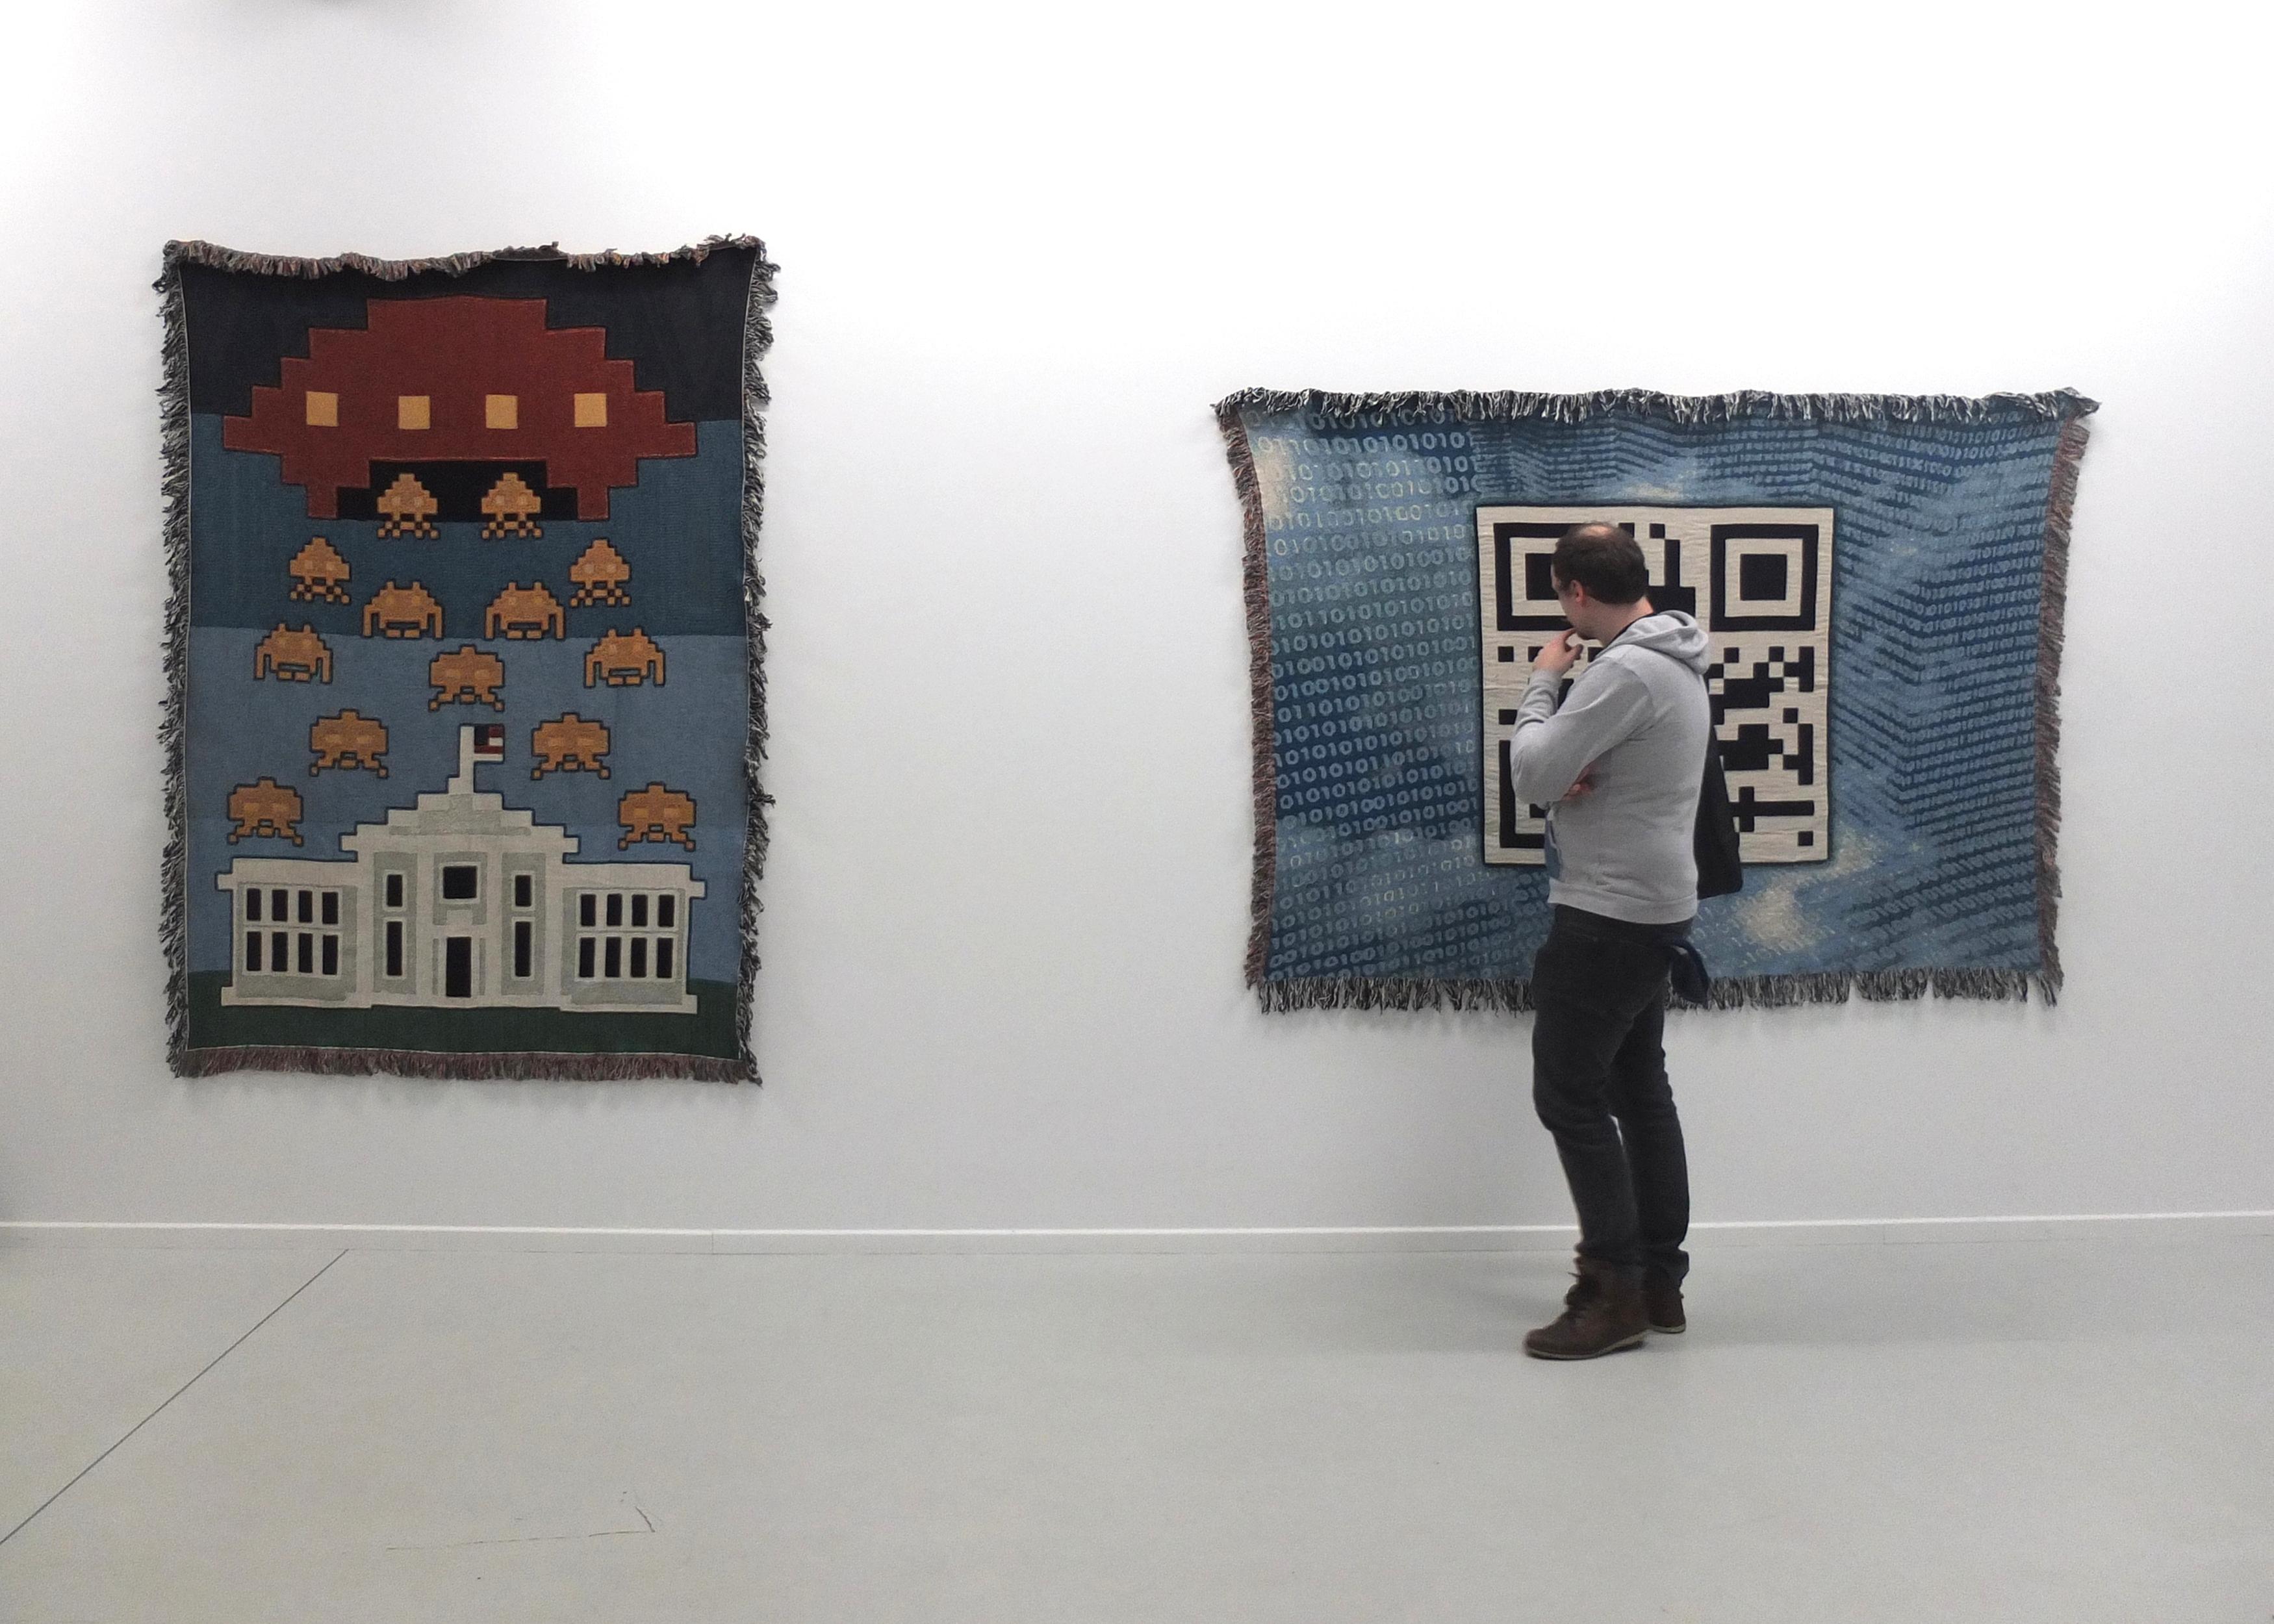 Patrick Lichty, Artifacts, 2015, Ausstellungsansicht